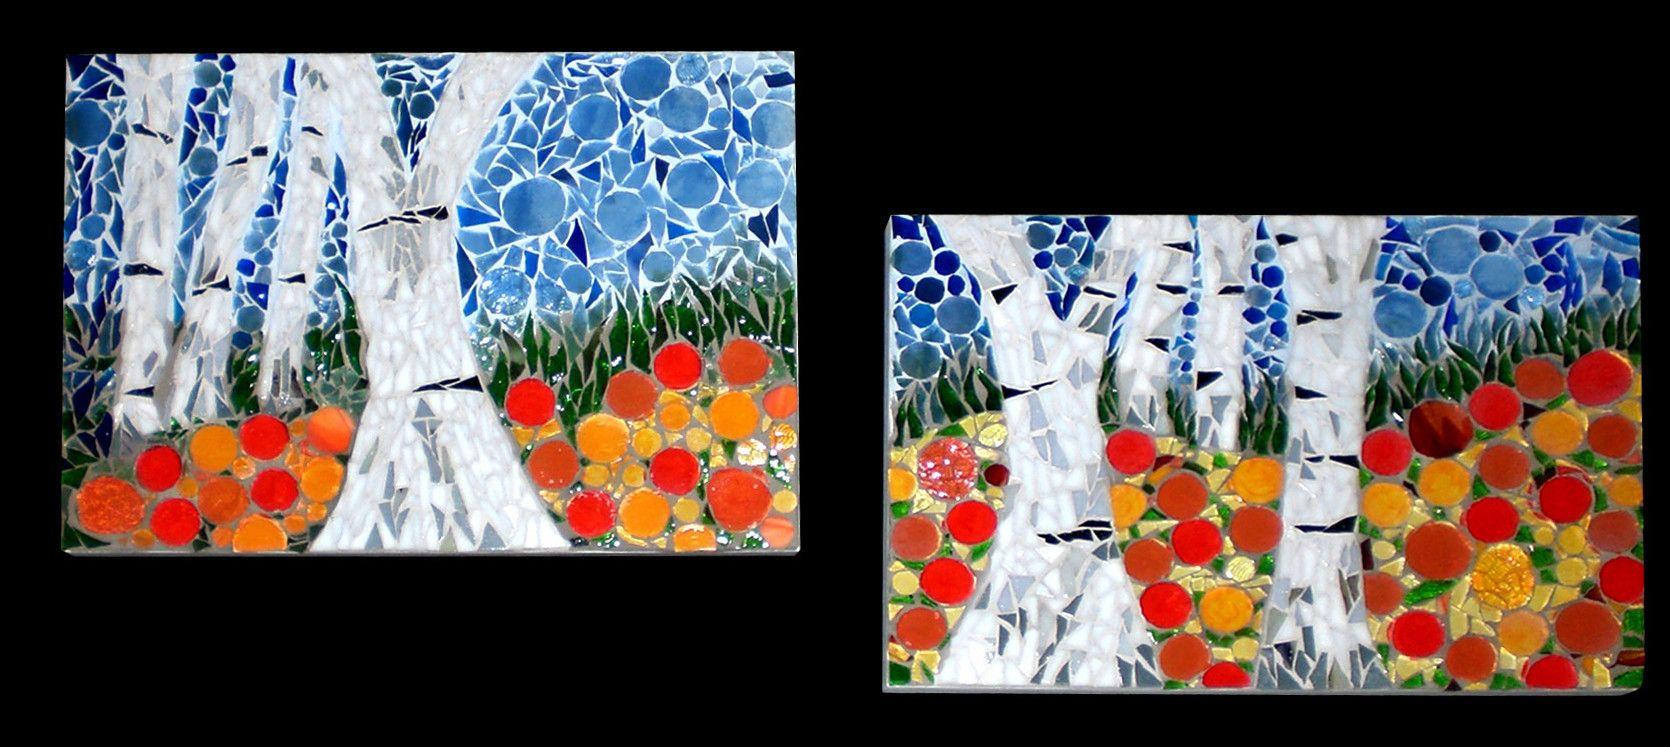 Curso Intermediário de Mosaico – Trabalhando com Vidro | Yara Fragoso Mosaicos